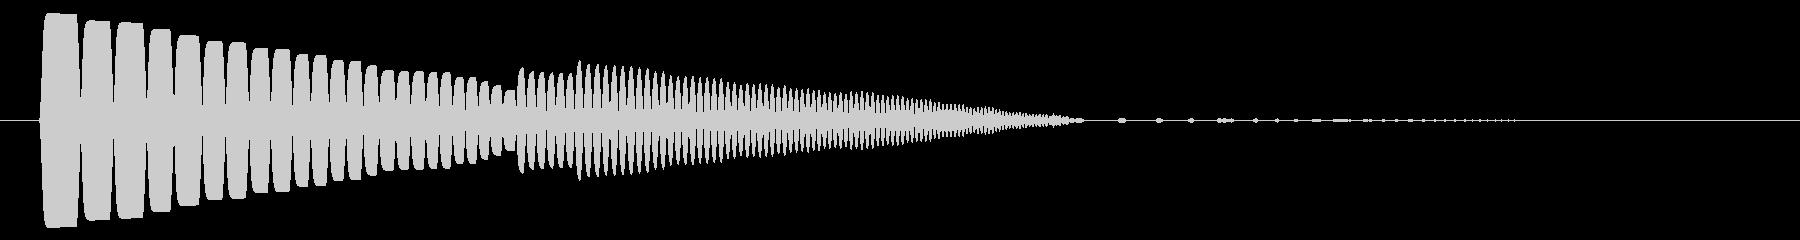 歩く音や決定音、クリック音かわいらしい音の未再生の波形